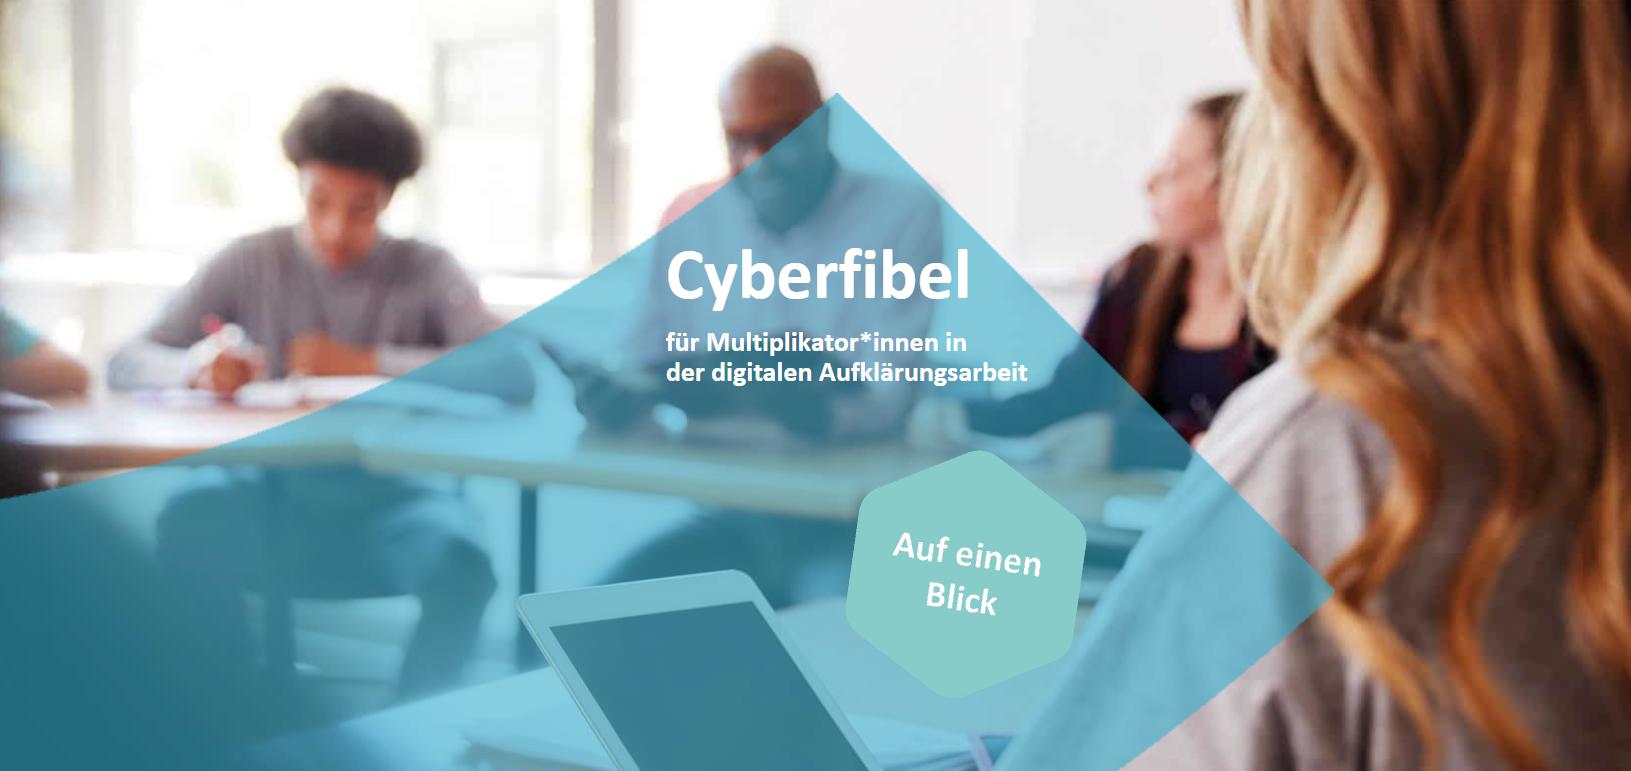 Die Cyberfibel für Multiplikator*innen in der digitalen Aufklärungsarbeit